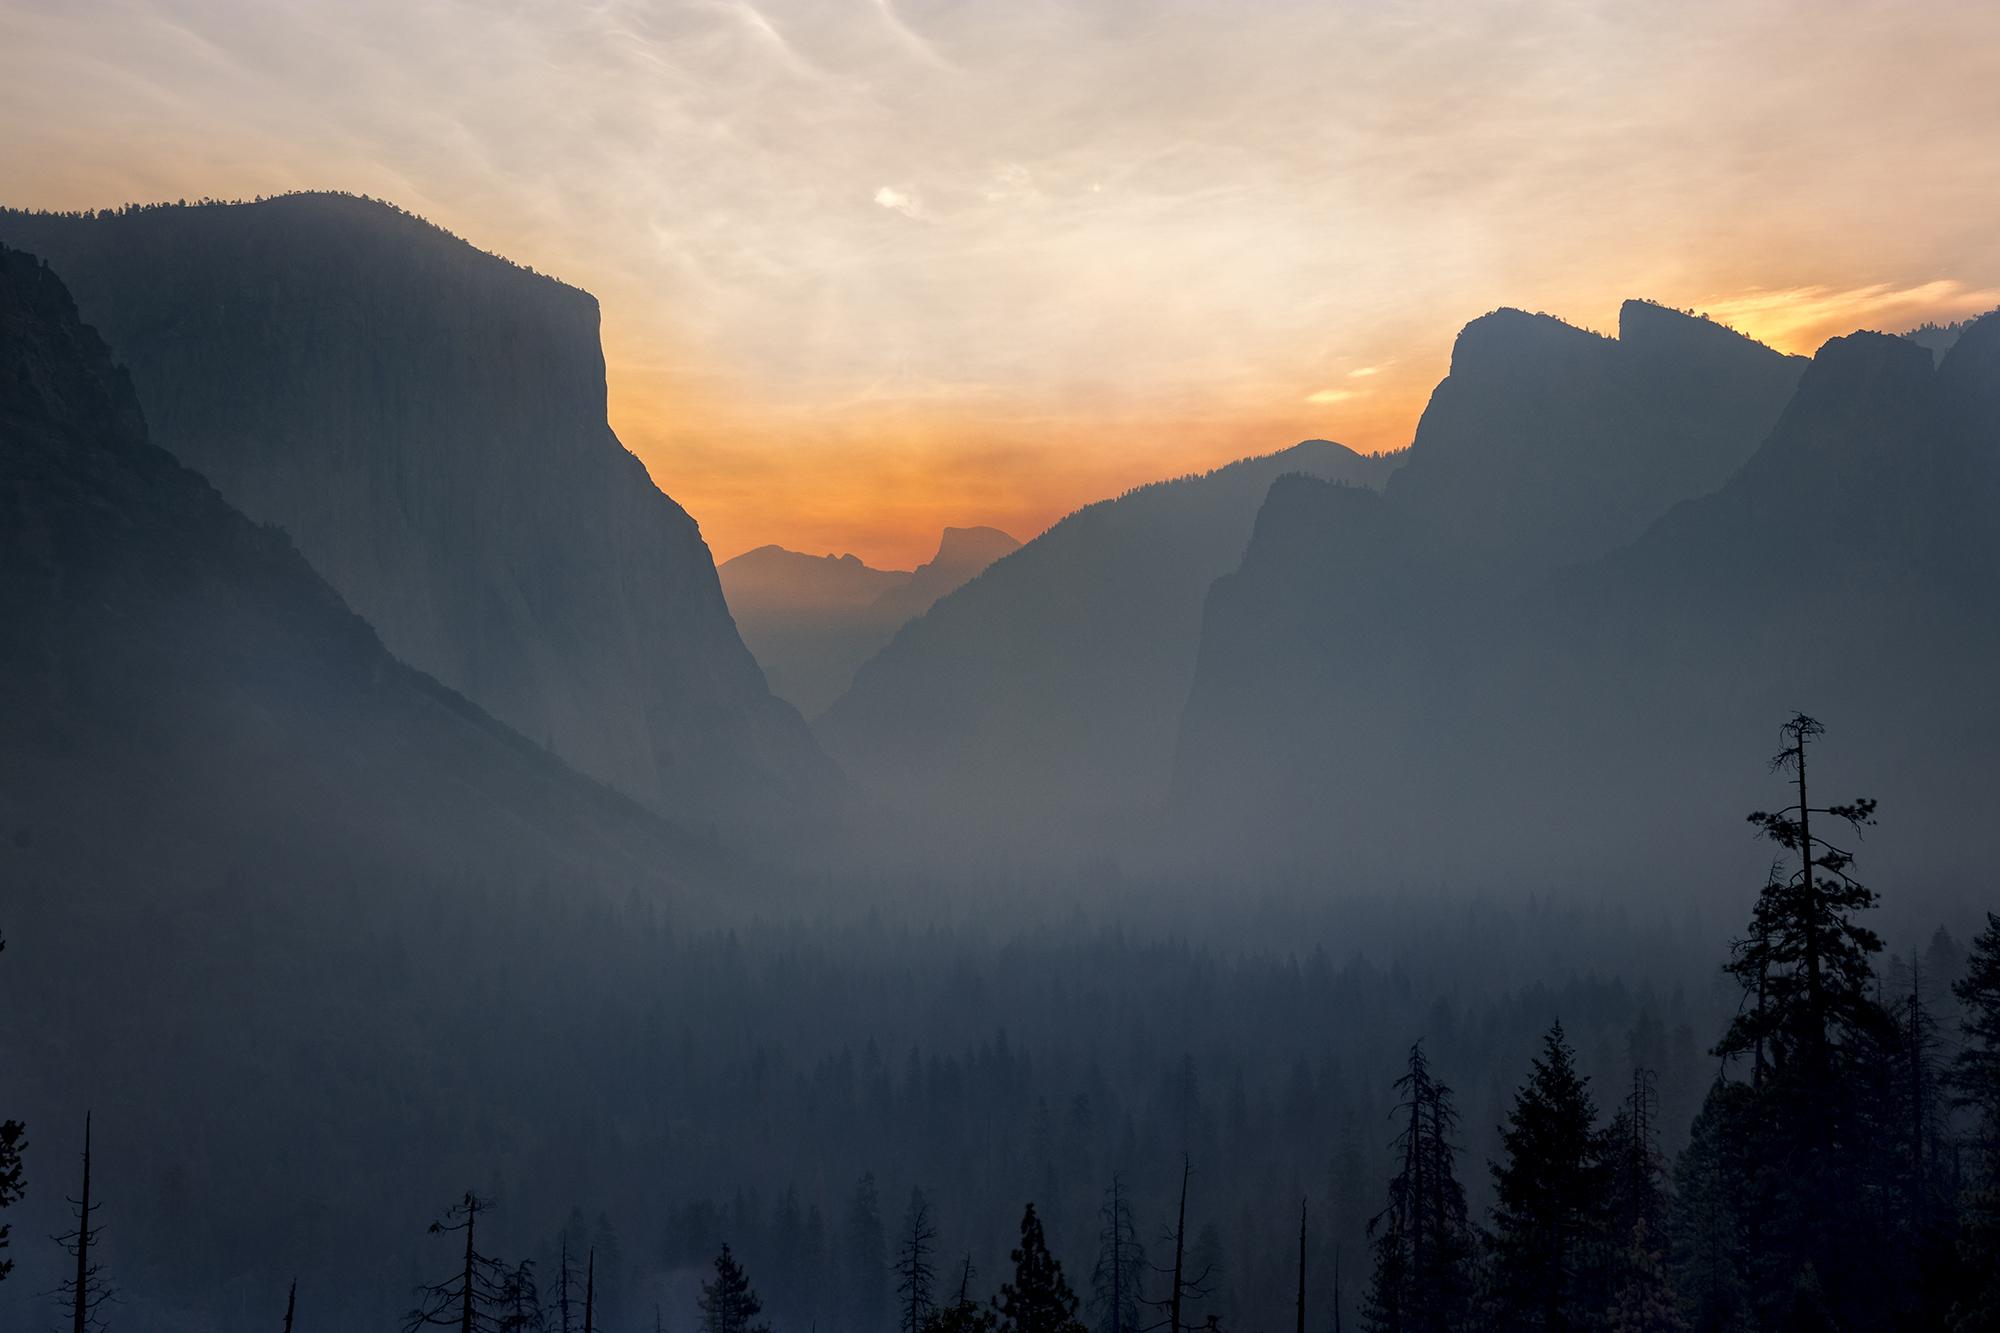 Tunnel View dans le Yosemite National Park aux Etats-Unis